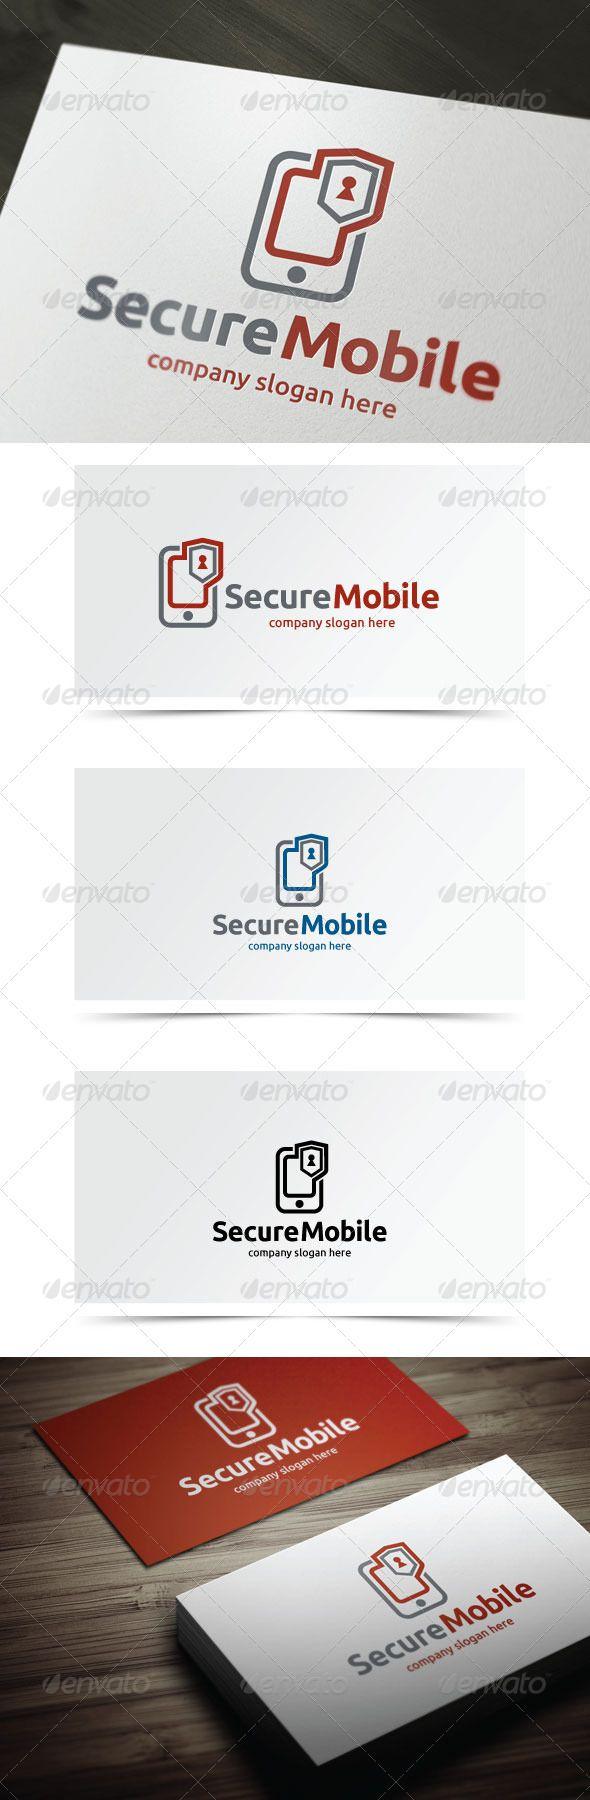 Secure Mobile Logo templates, Vector logo, Logo design